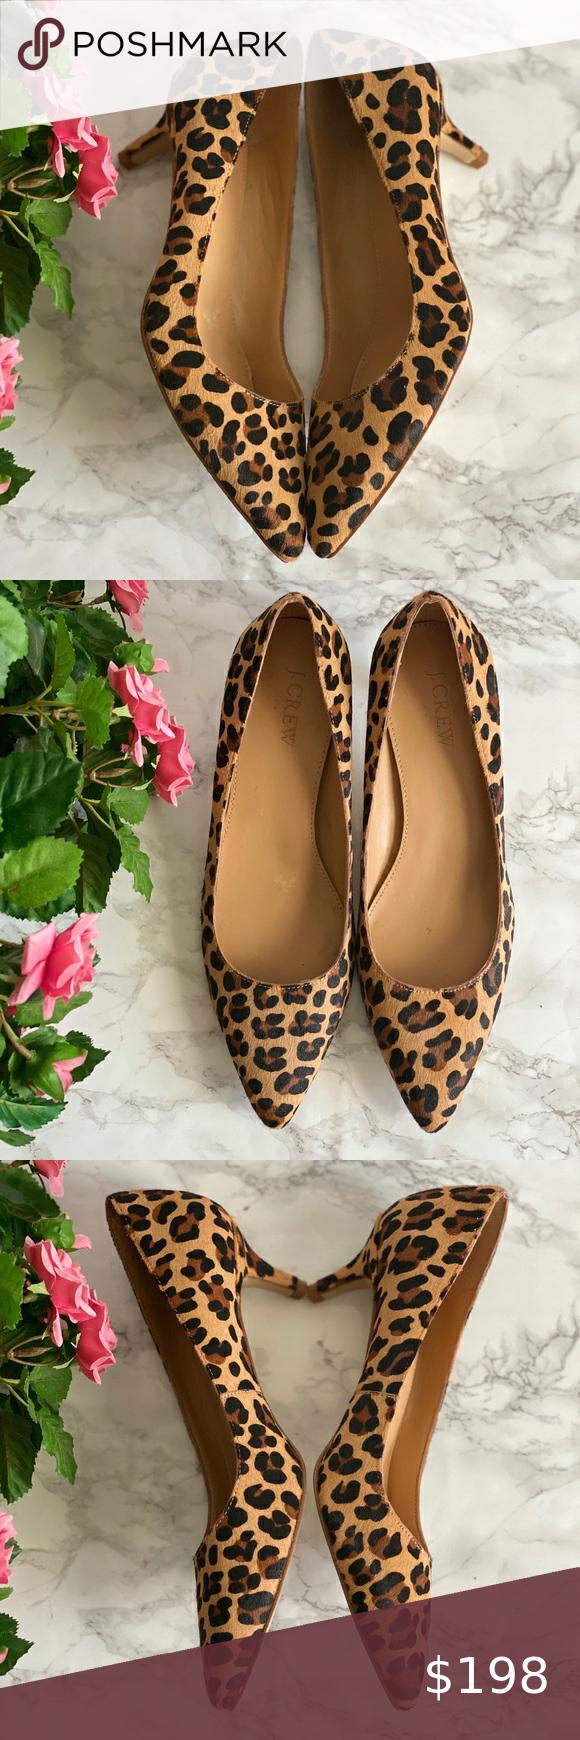 Sale J Crew Leopard Calf Hair Kitten Heels In 2020 Shoes Women Heels Kitten Heels Heels